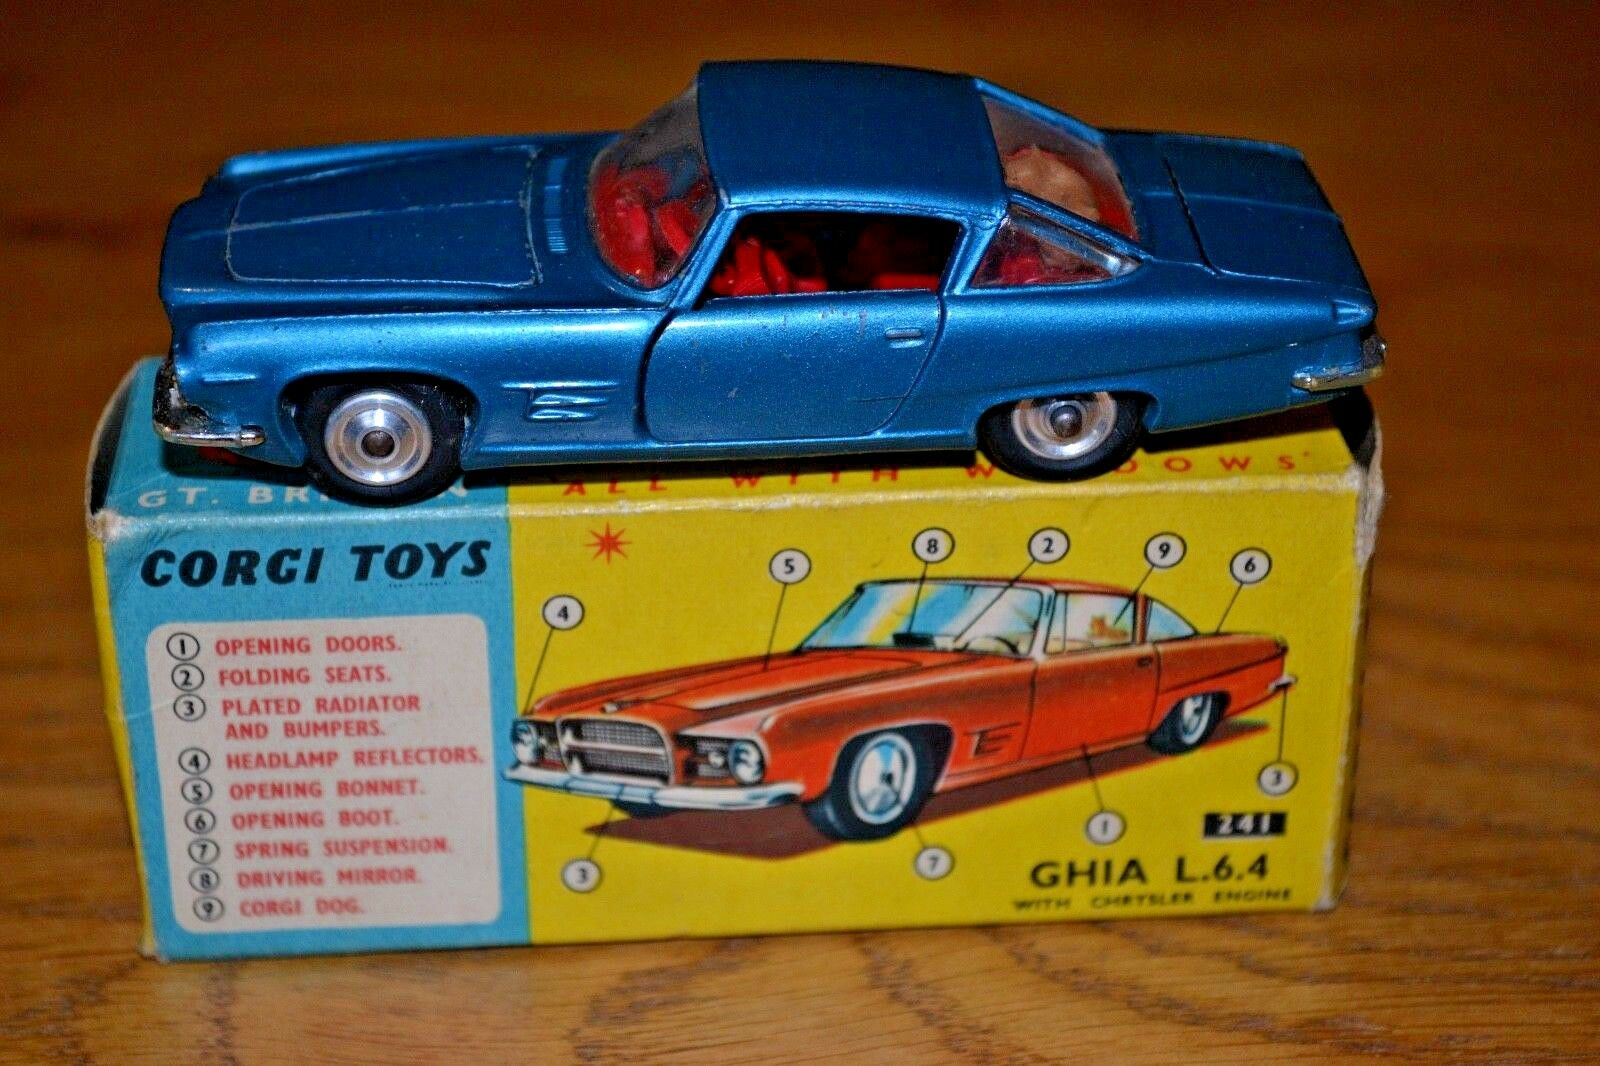 CORGI 241 GHIA L.6.4 auto; scatola originale; buone condizioni